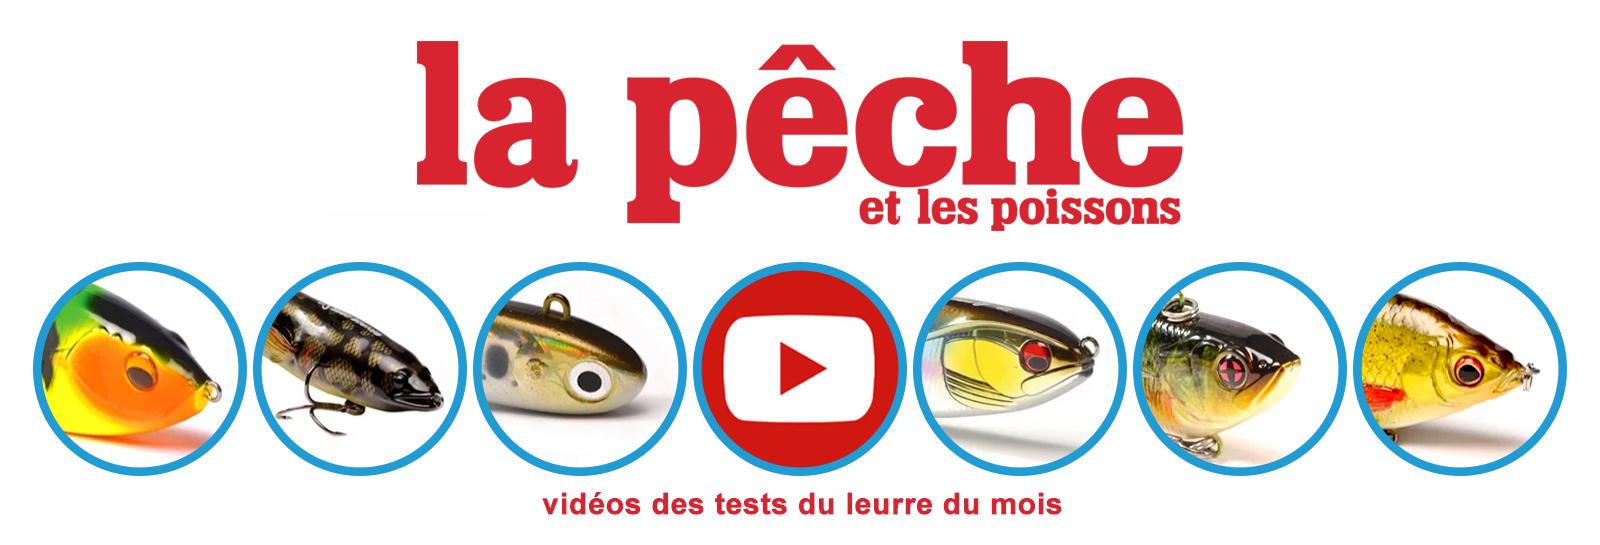 leuures-du-mois-la-peche-et-les-poissons